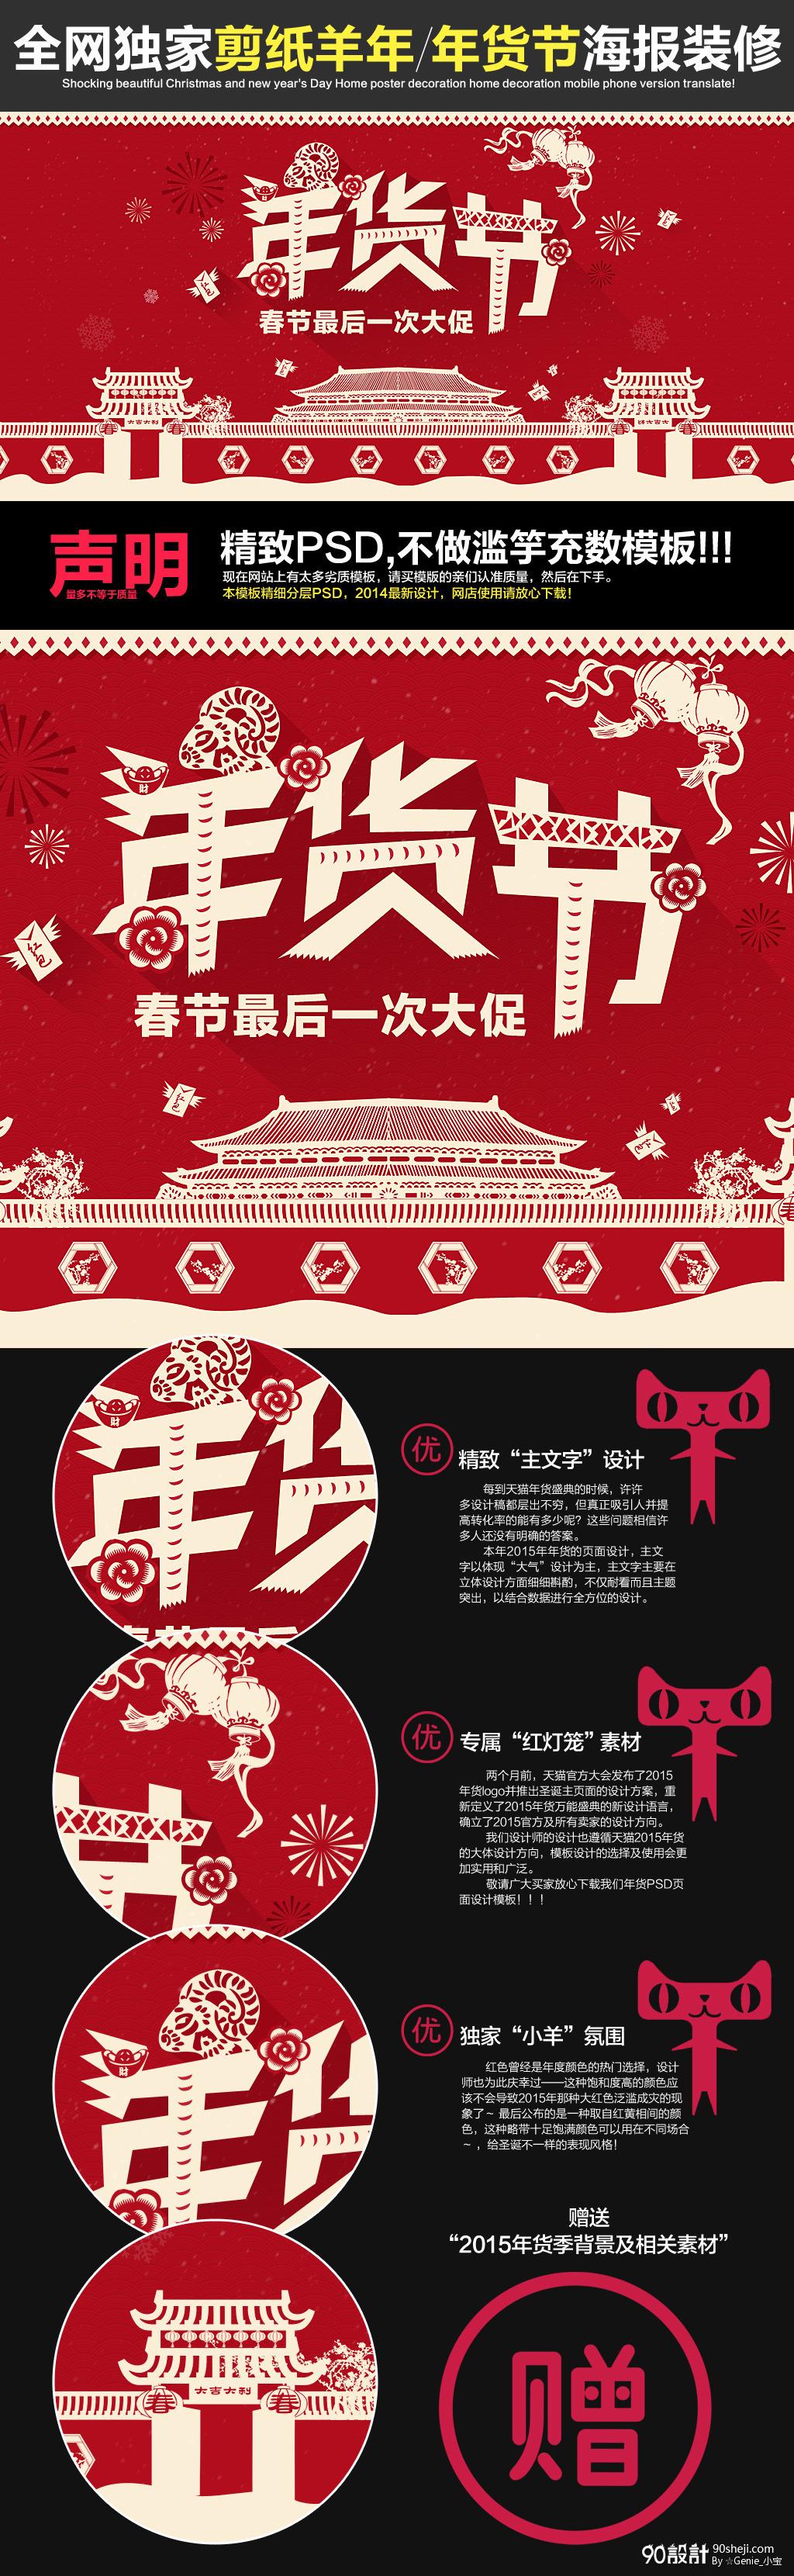 天猫年货节海报_天猫年货节h5_天猫年货节文案